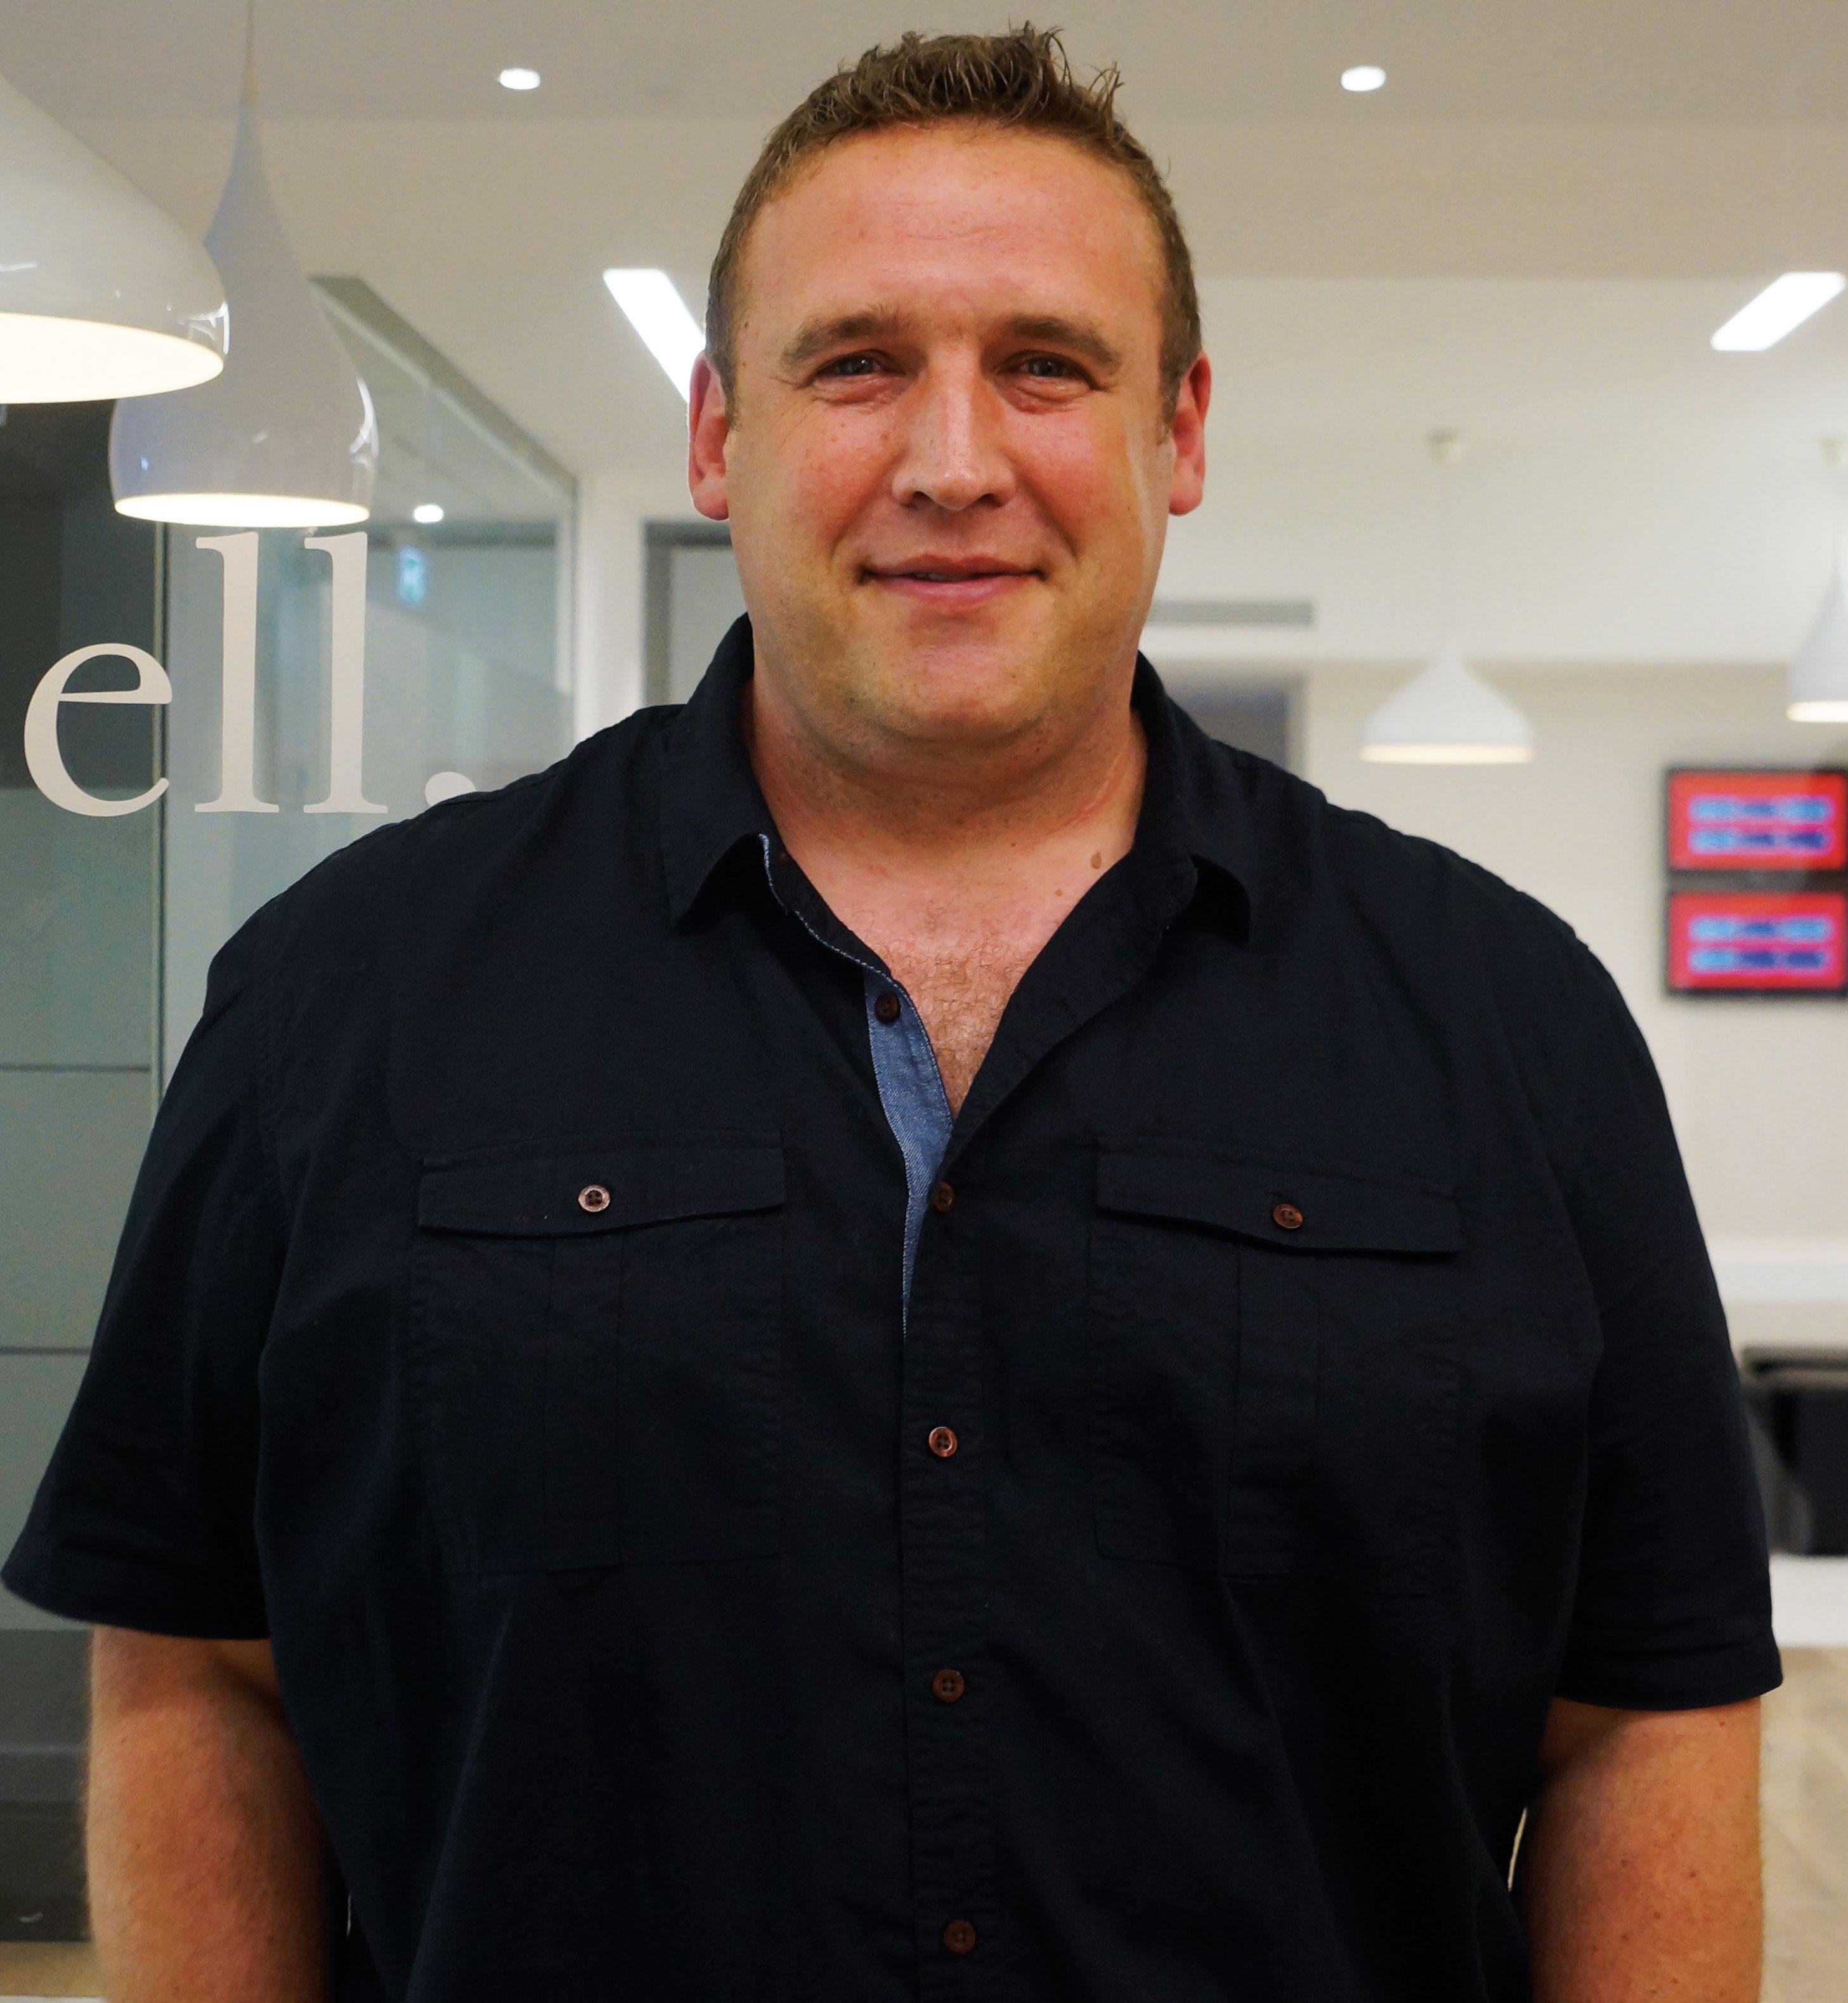 Sam Cartmell, creative partner, Ogilvy & Mather